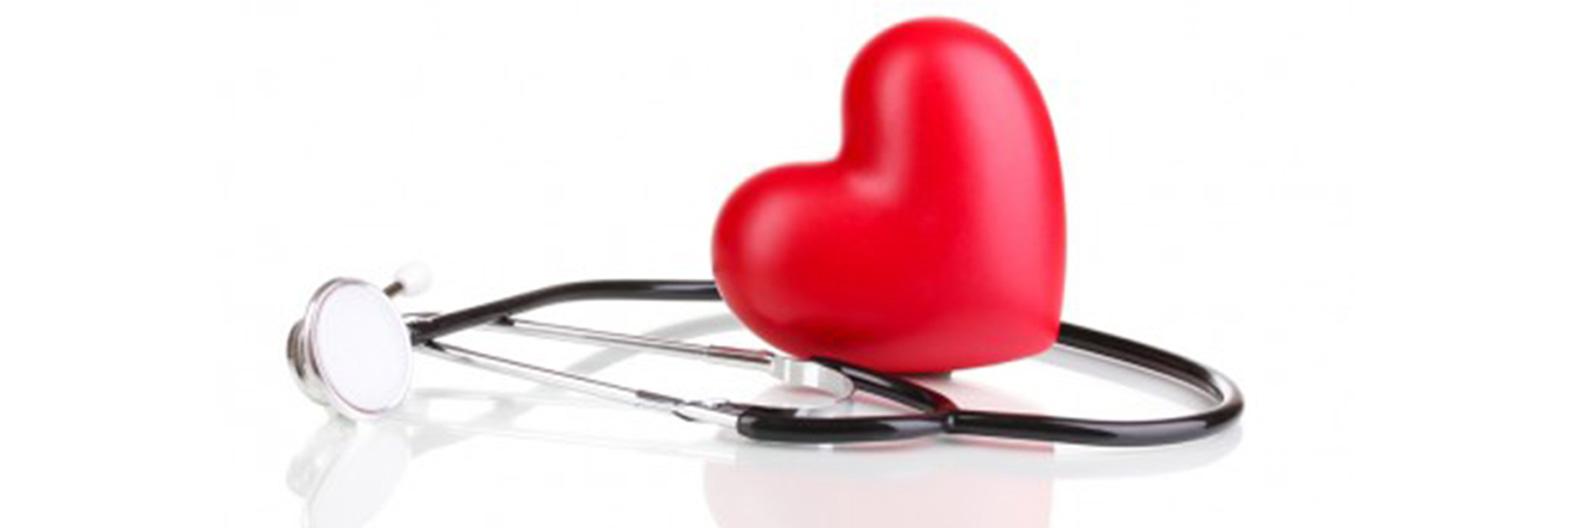 hipertenzija yra gyvenimo būdas opos su hipertenzija